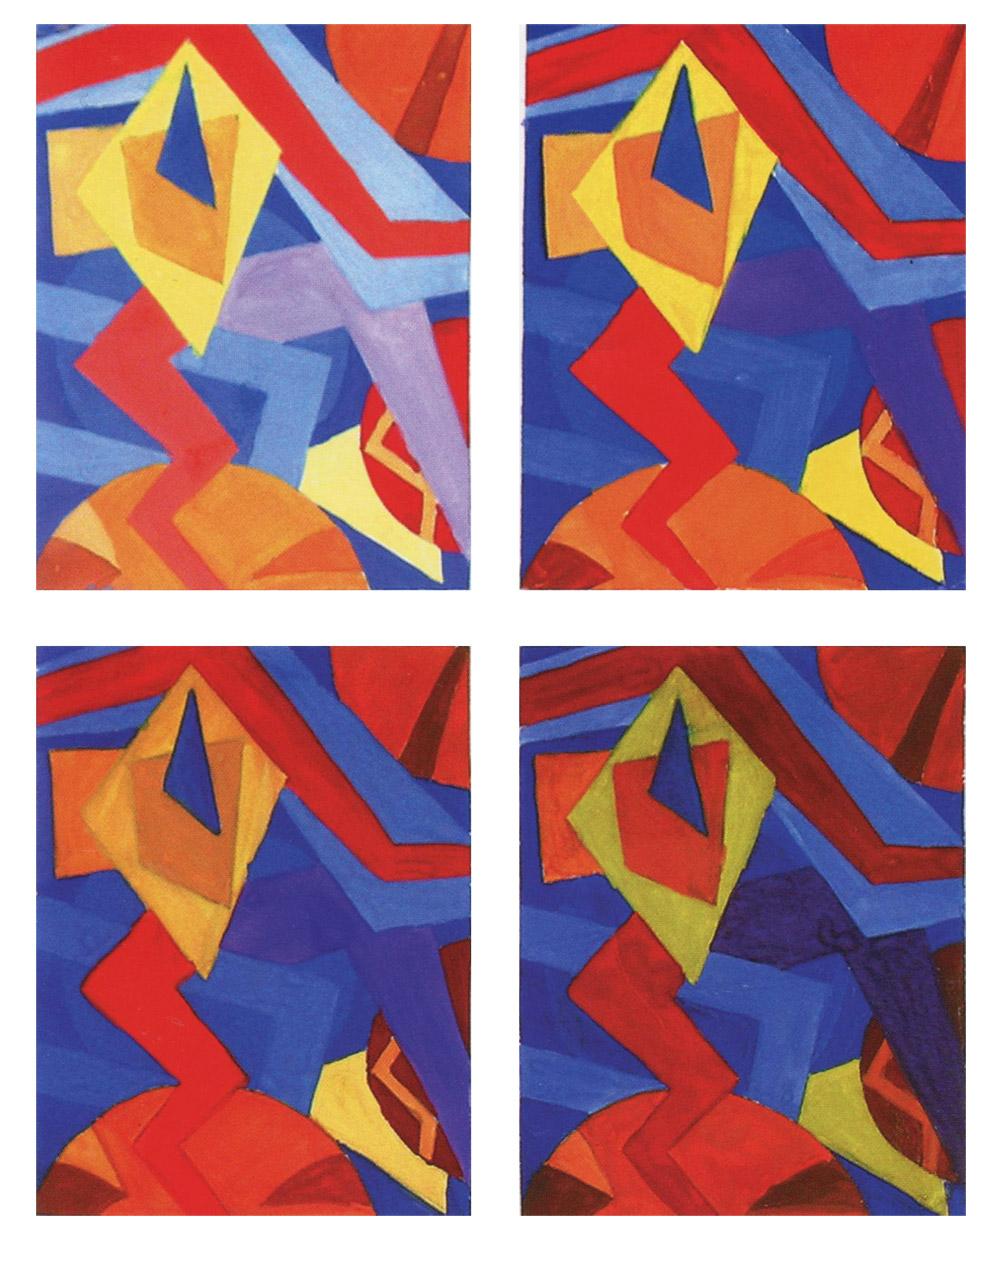 цвет и фотография композиция комбинированная